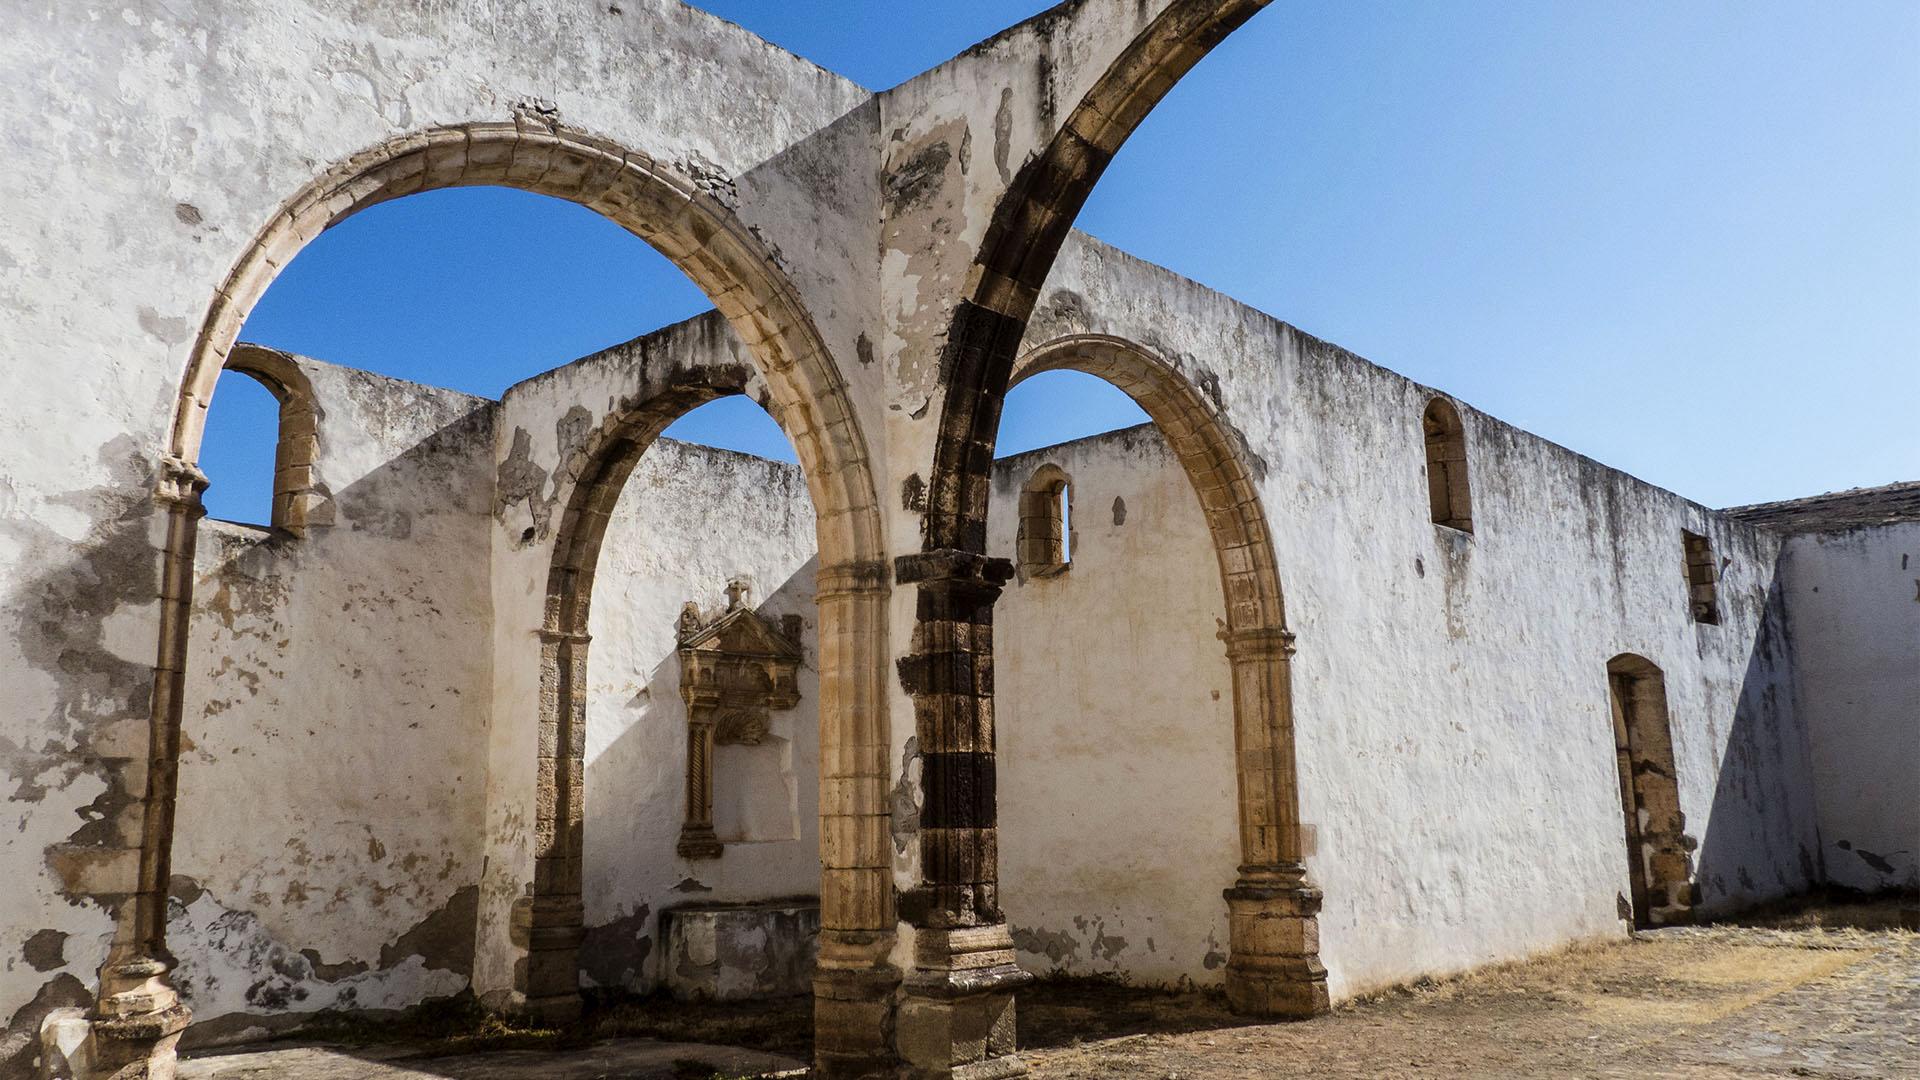 Das Franziskaner Kloster Buena Fuerteventura in Betancuria –das erste Kloster des Archipels.